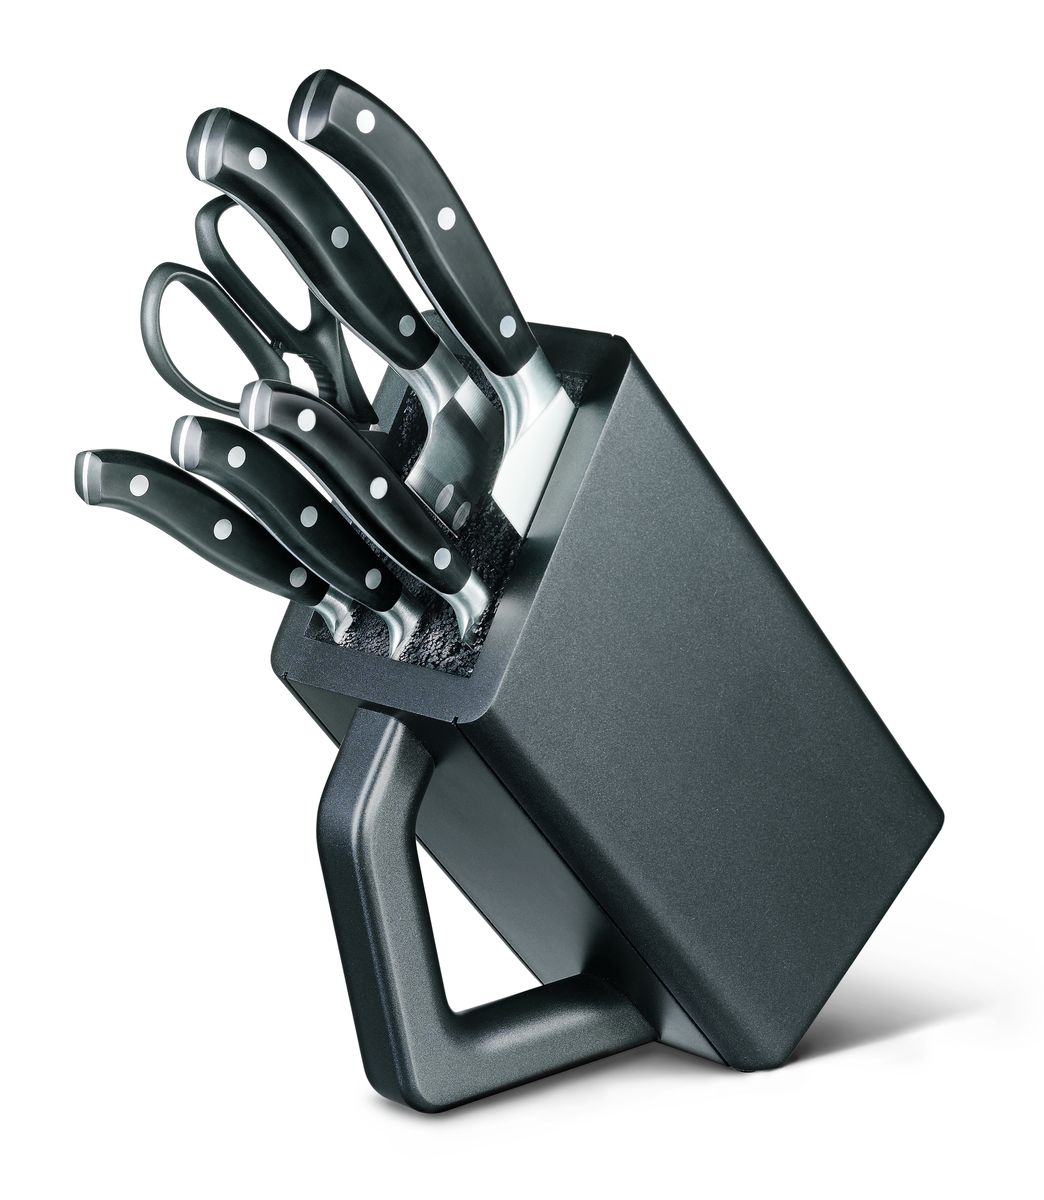 Набор кованых кухонных приборов Victorinox, на подставке, 7 предметов7.7243.6Кованые ножи Victorinox нравятся как любителям, так и профессиональным шеф-поварам. Баланс между рукоятью и лезвием идеально рассчитывается для того, чтобы обеспечить удобство использования даже не протяжение длительного времени работы с ножами. Все модели в данных сериях штампуются из одной детали и имеют бесшовный переход от лезвия к рукояти. Это удивительное качество и неподвластная времени элегантность делают кованые ножи Victorinox такими особенными. У кованых ножей также есть больстер — стальное утолщение в месте, где сходится рукоять и лезвие, он разработан специально, чтобы защитить вашу руку от соскальзывания с рукояти на лезвие. Как правило, ножи данной серии подходят для использования в посудомоечных машинах, тем не менее для увеличения срока службы рекомендуется мыть их в ручную. 6 предметов: - кухонные ножницы (7.6363.3) - нож для чистки овощей (7.7203.06) - нож для стейка (7.7203.12) - универсальный нож (7.7203.15) - нож Сантоку (7.7323.17) - нож шеф-повара (7.7403.20)